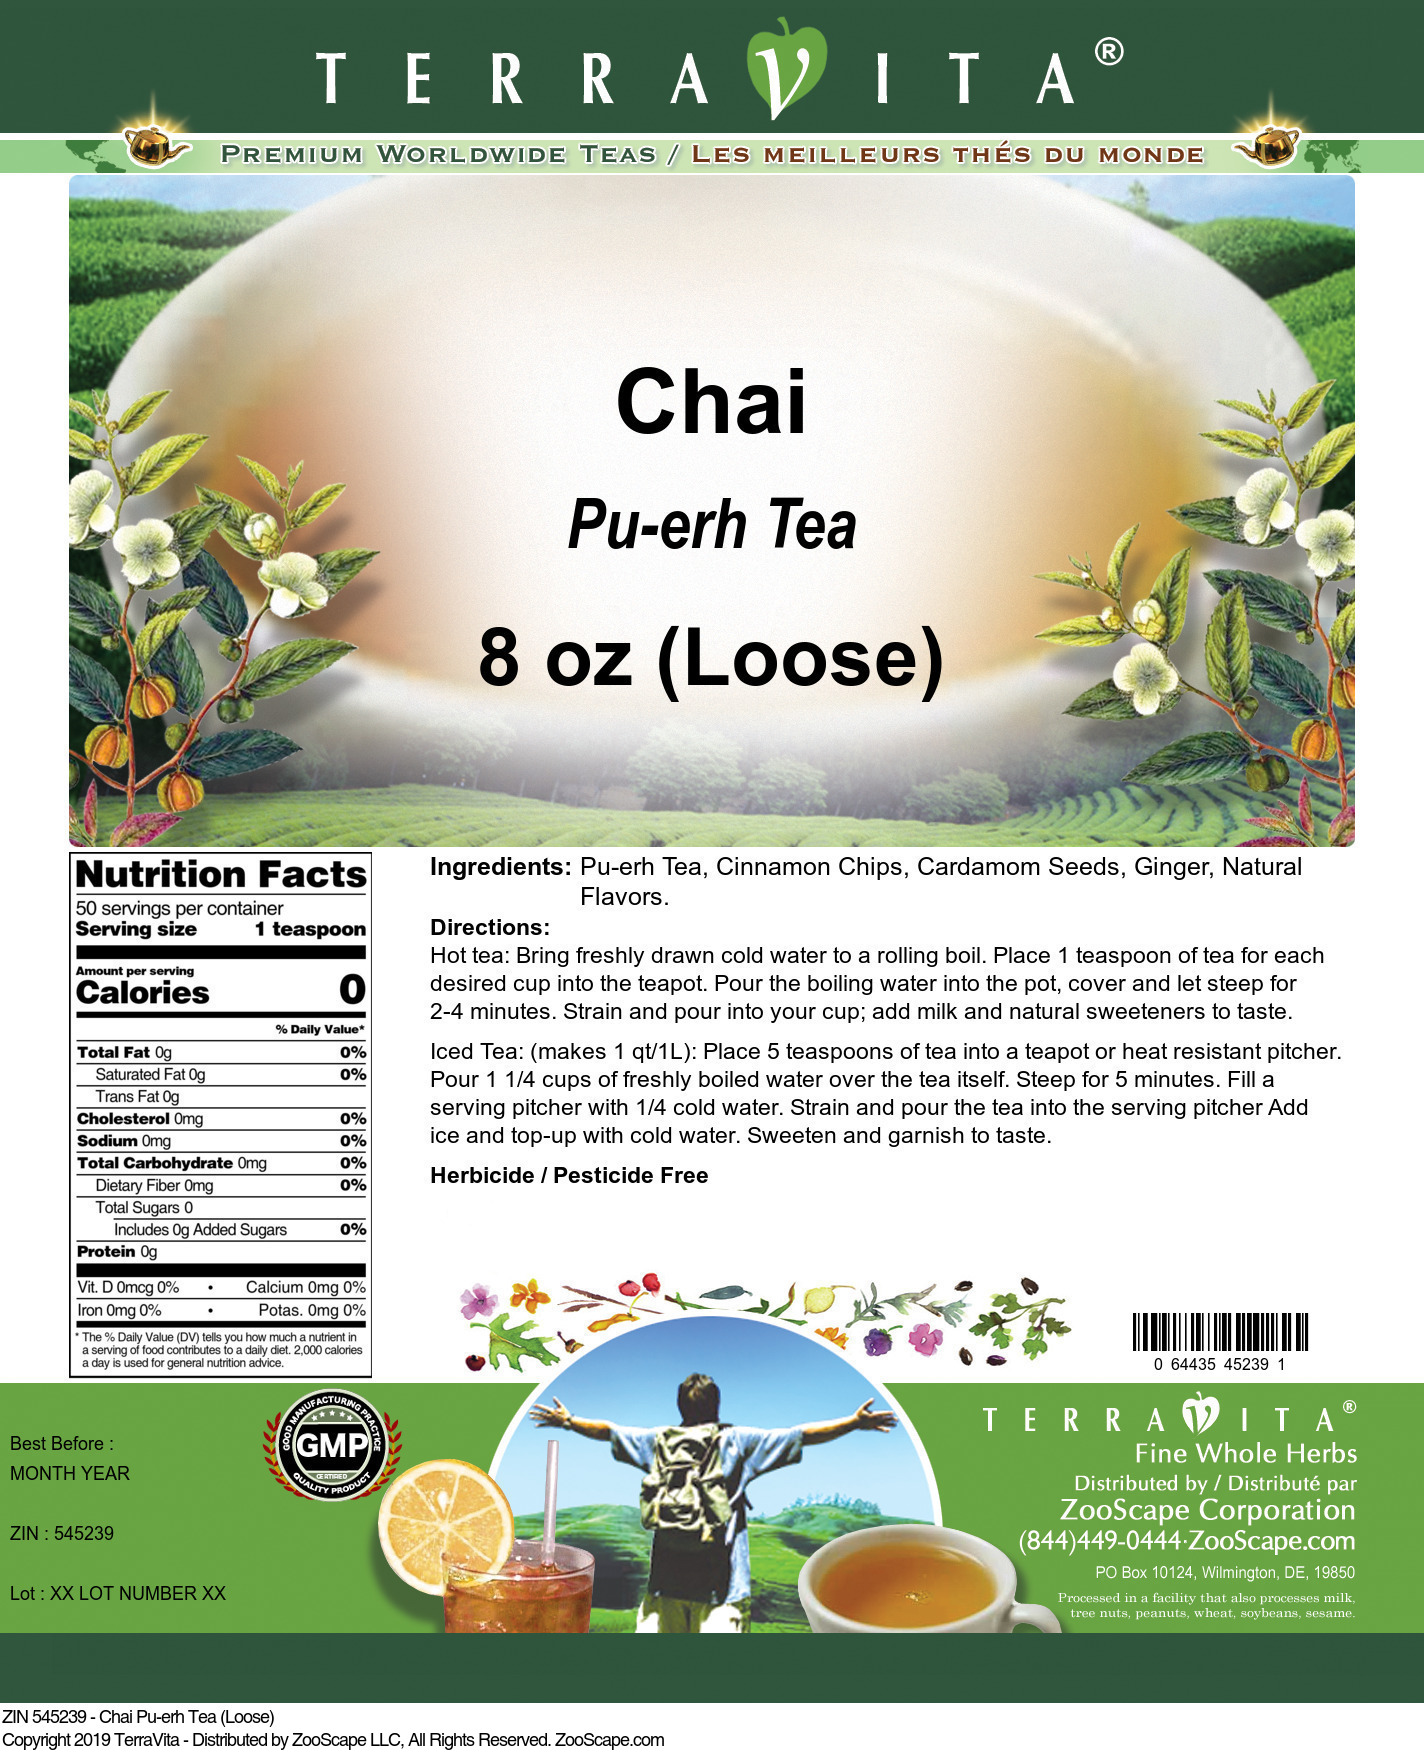 Chai Pu-erh Tea (Loose)